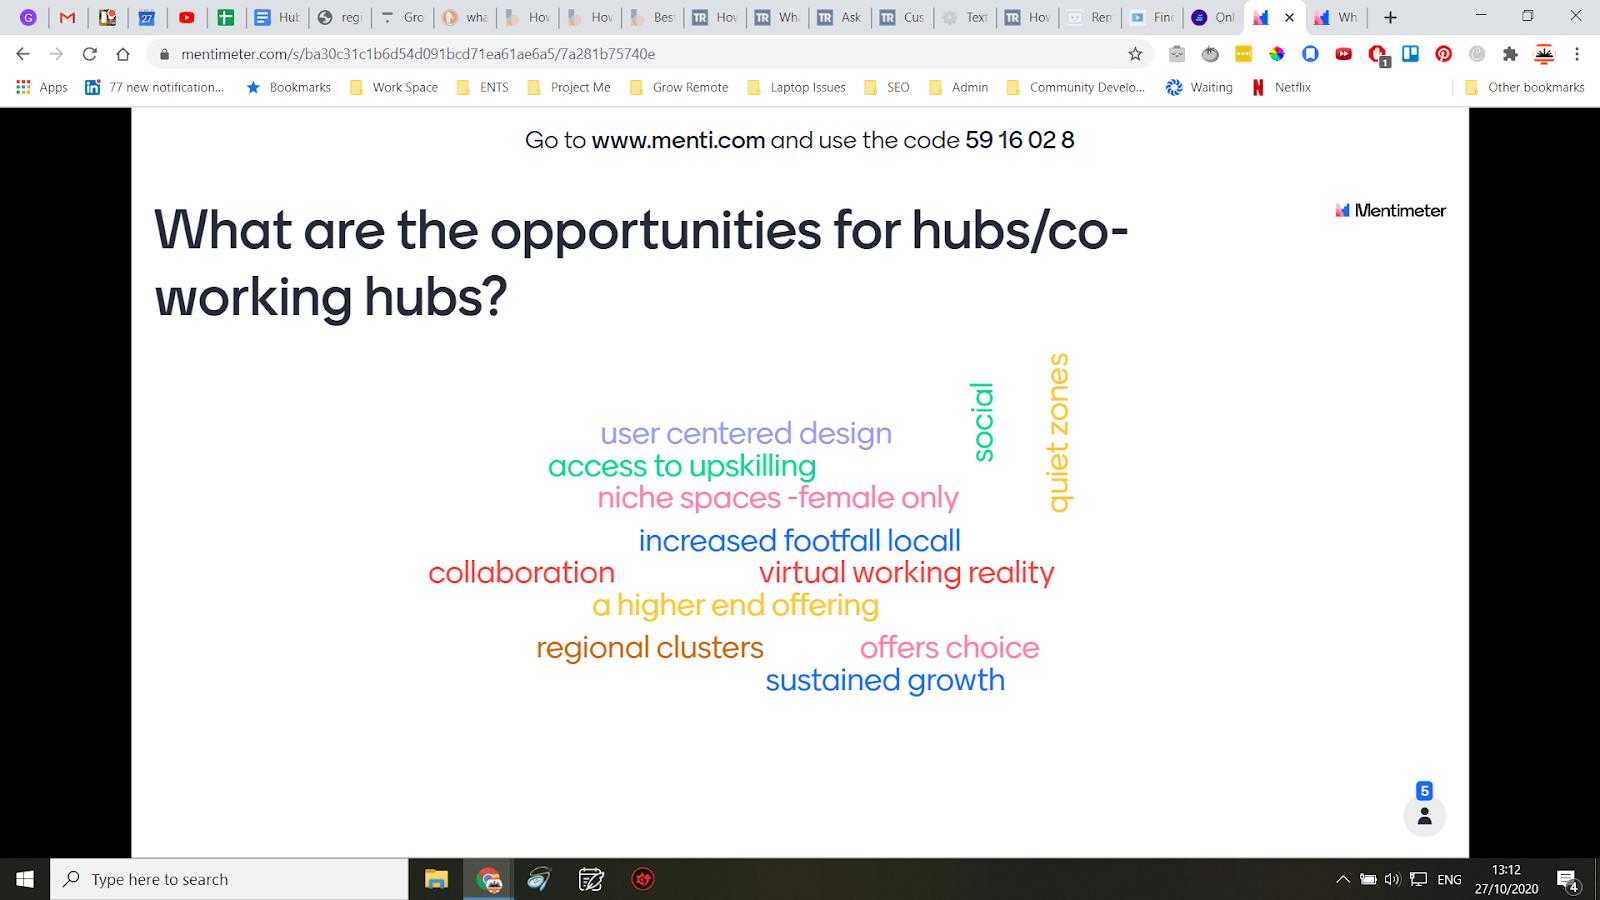 coworking hubs in Ireland